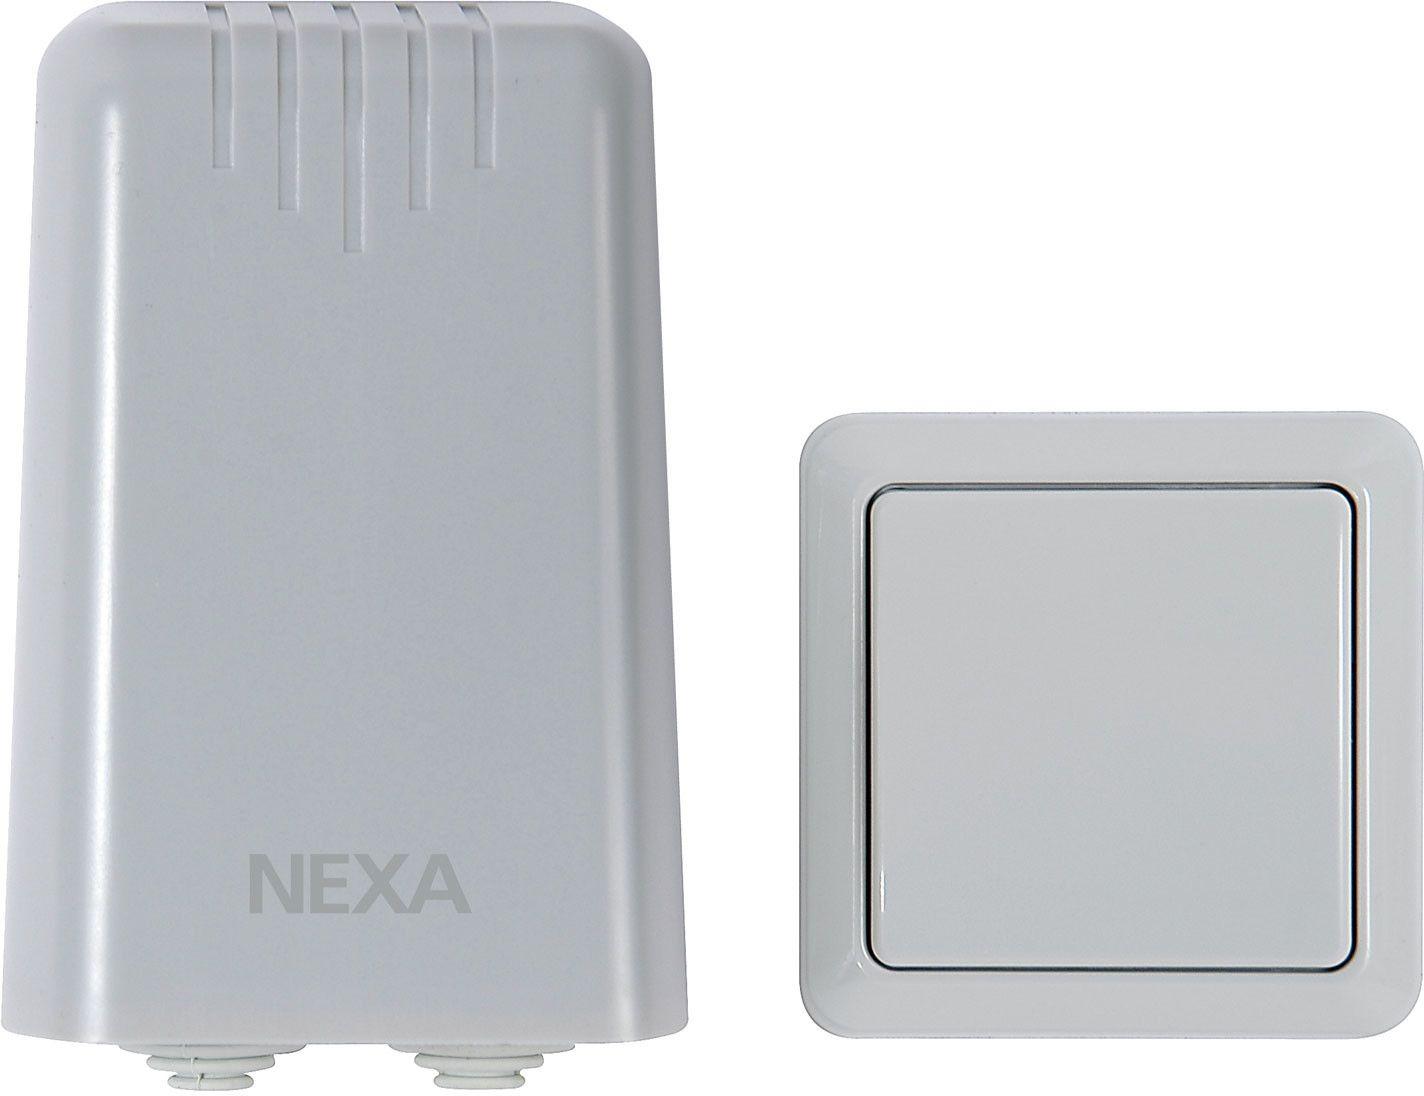 Nexa IPR-3500 + IPT-1501 - IP44-klassade